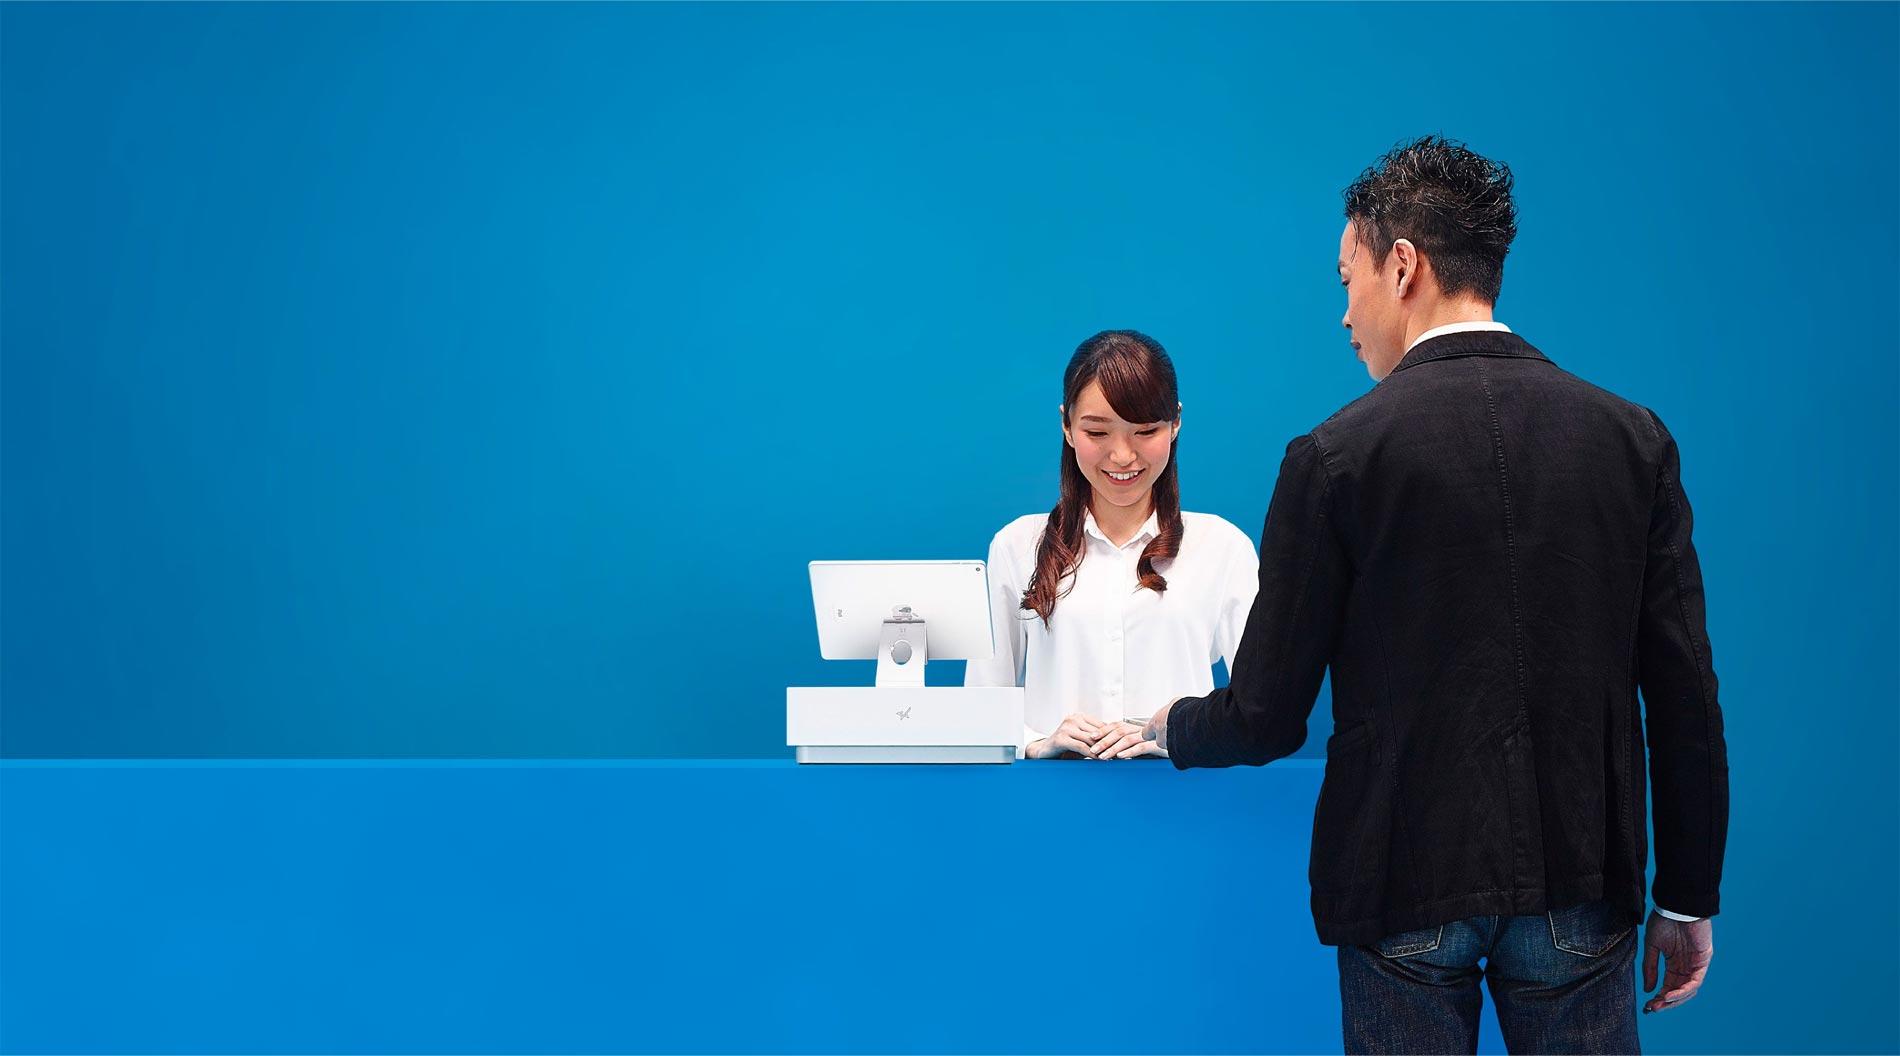 スマレジのアプリや管理画面・ログインなどの使い方やタイムカードなど便利な機能